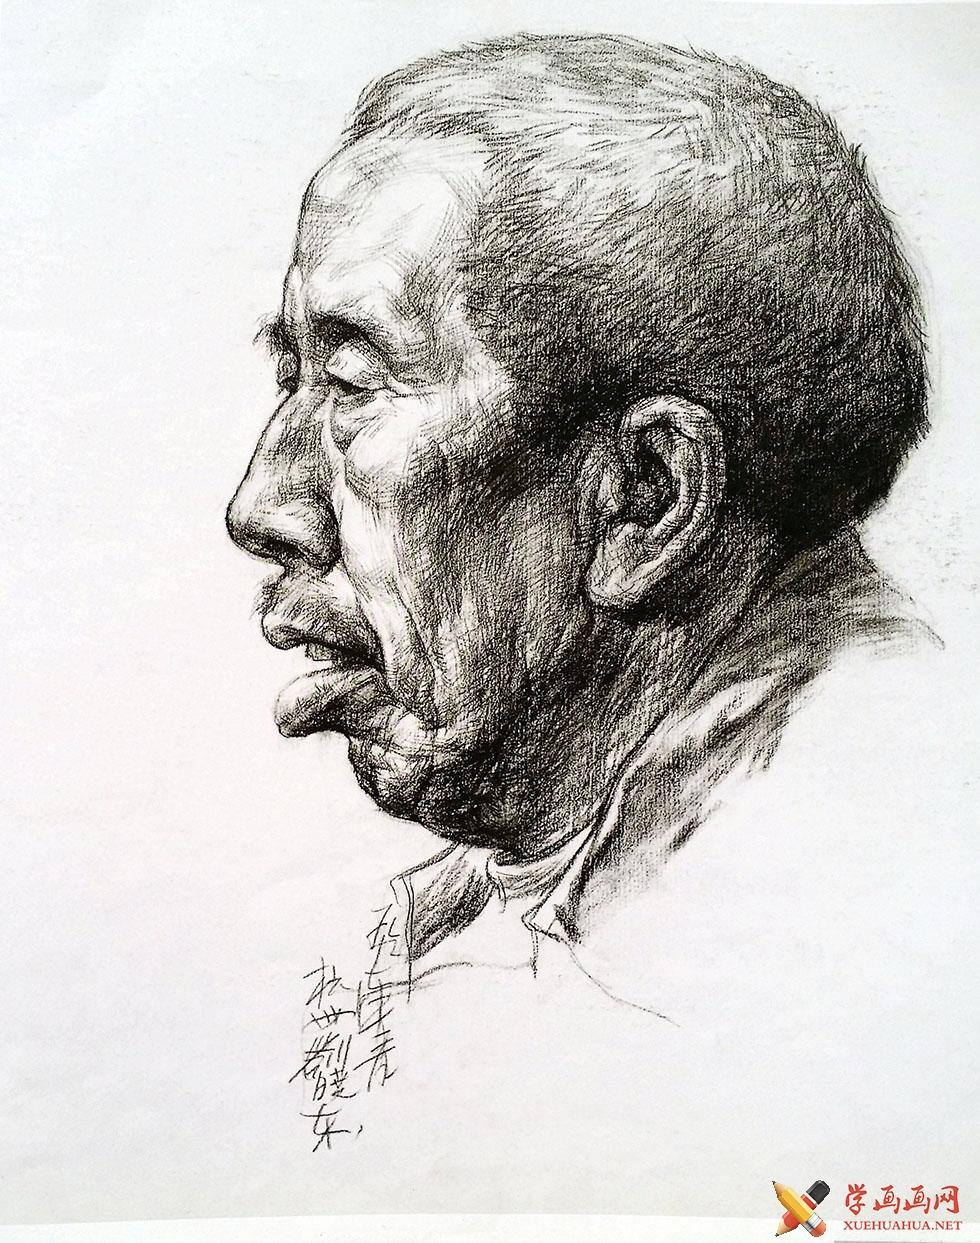 老年男子正侧面素描头像赏析(1)